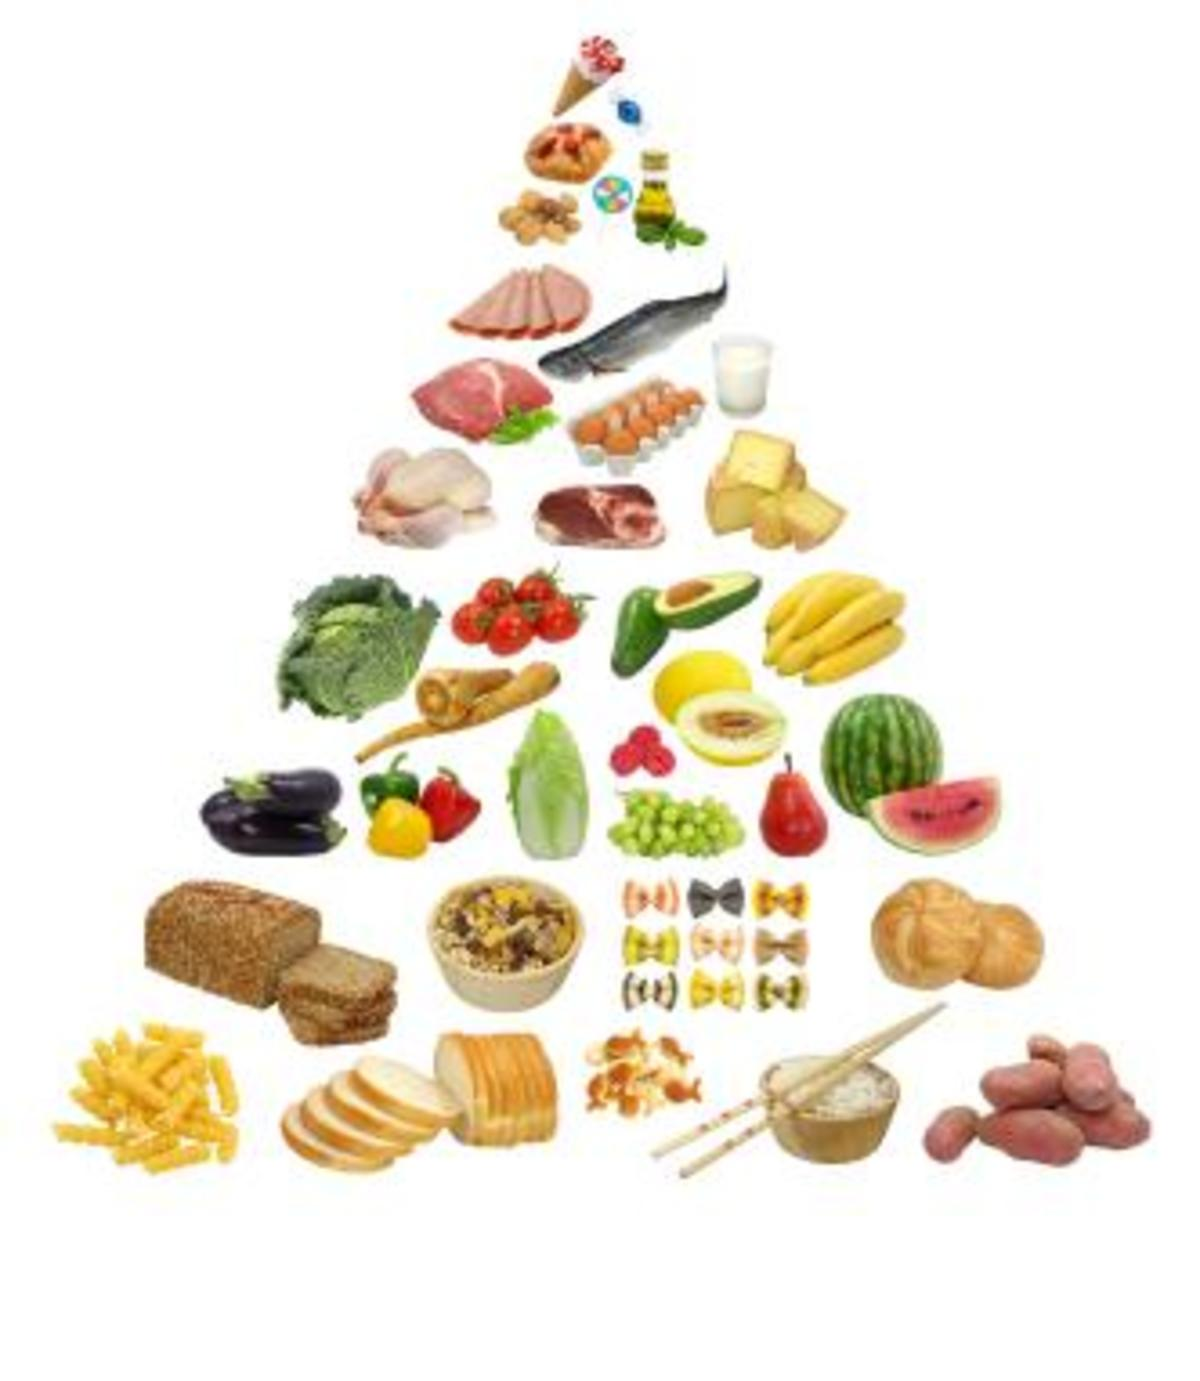 Μείον 5 κιλά πριν τις γιορτές! | Newsit.gr